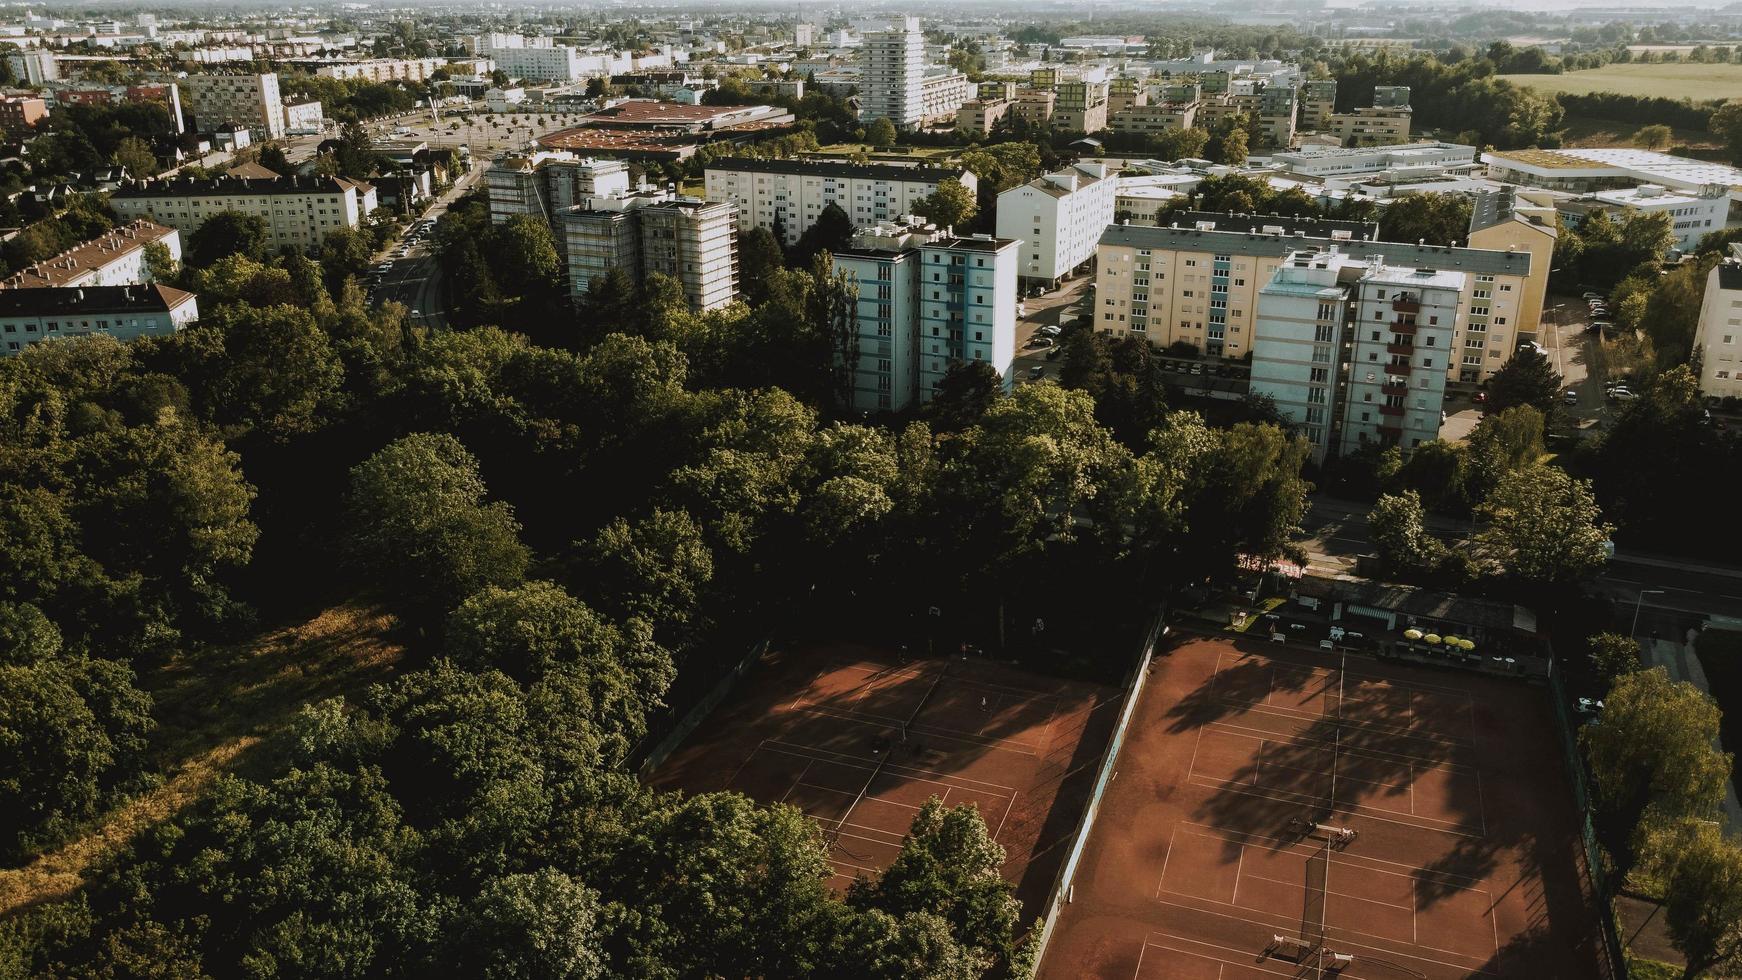 vista aérea de la ciudad foto